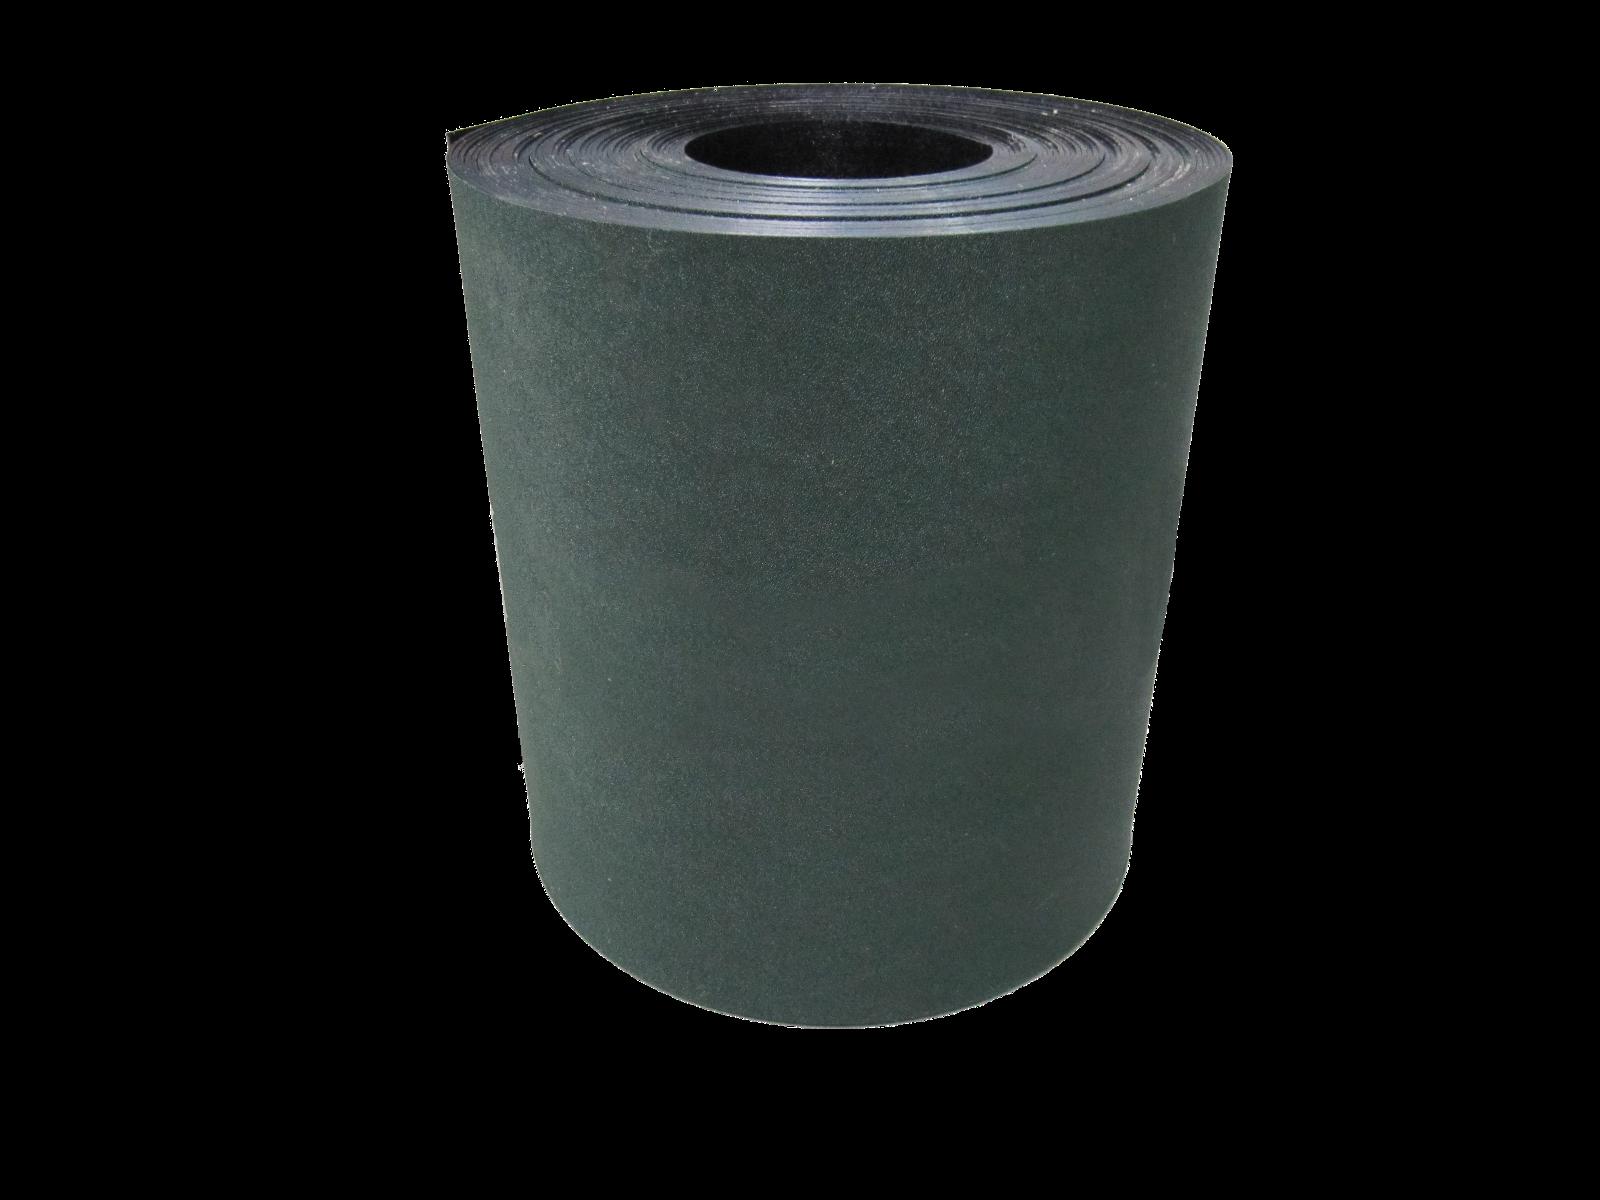 Gietrand Groen/Zwart 25 m¹ per rol - Bevorder groei jonge aanplant